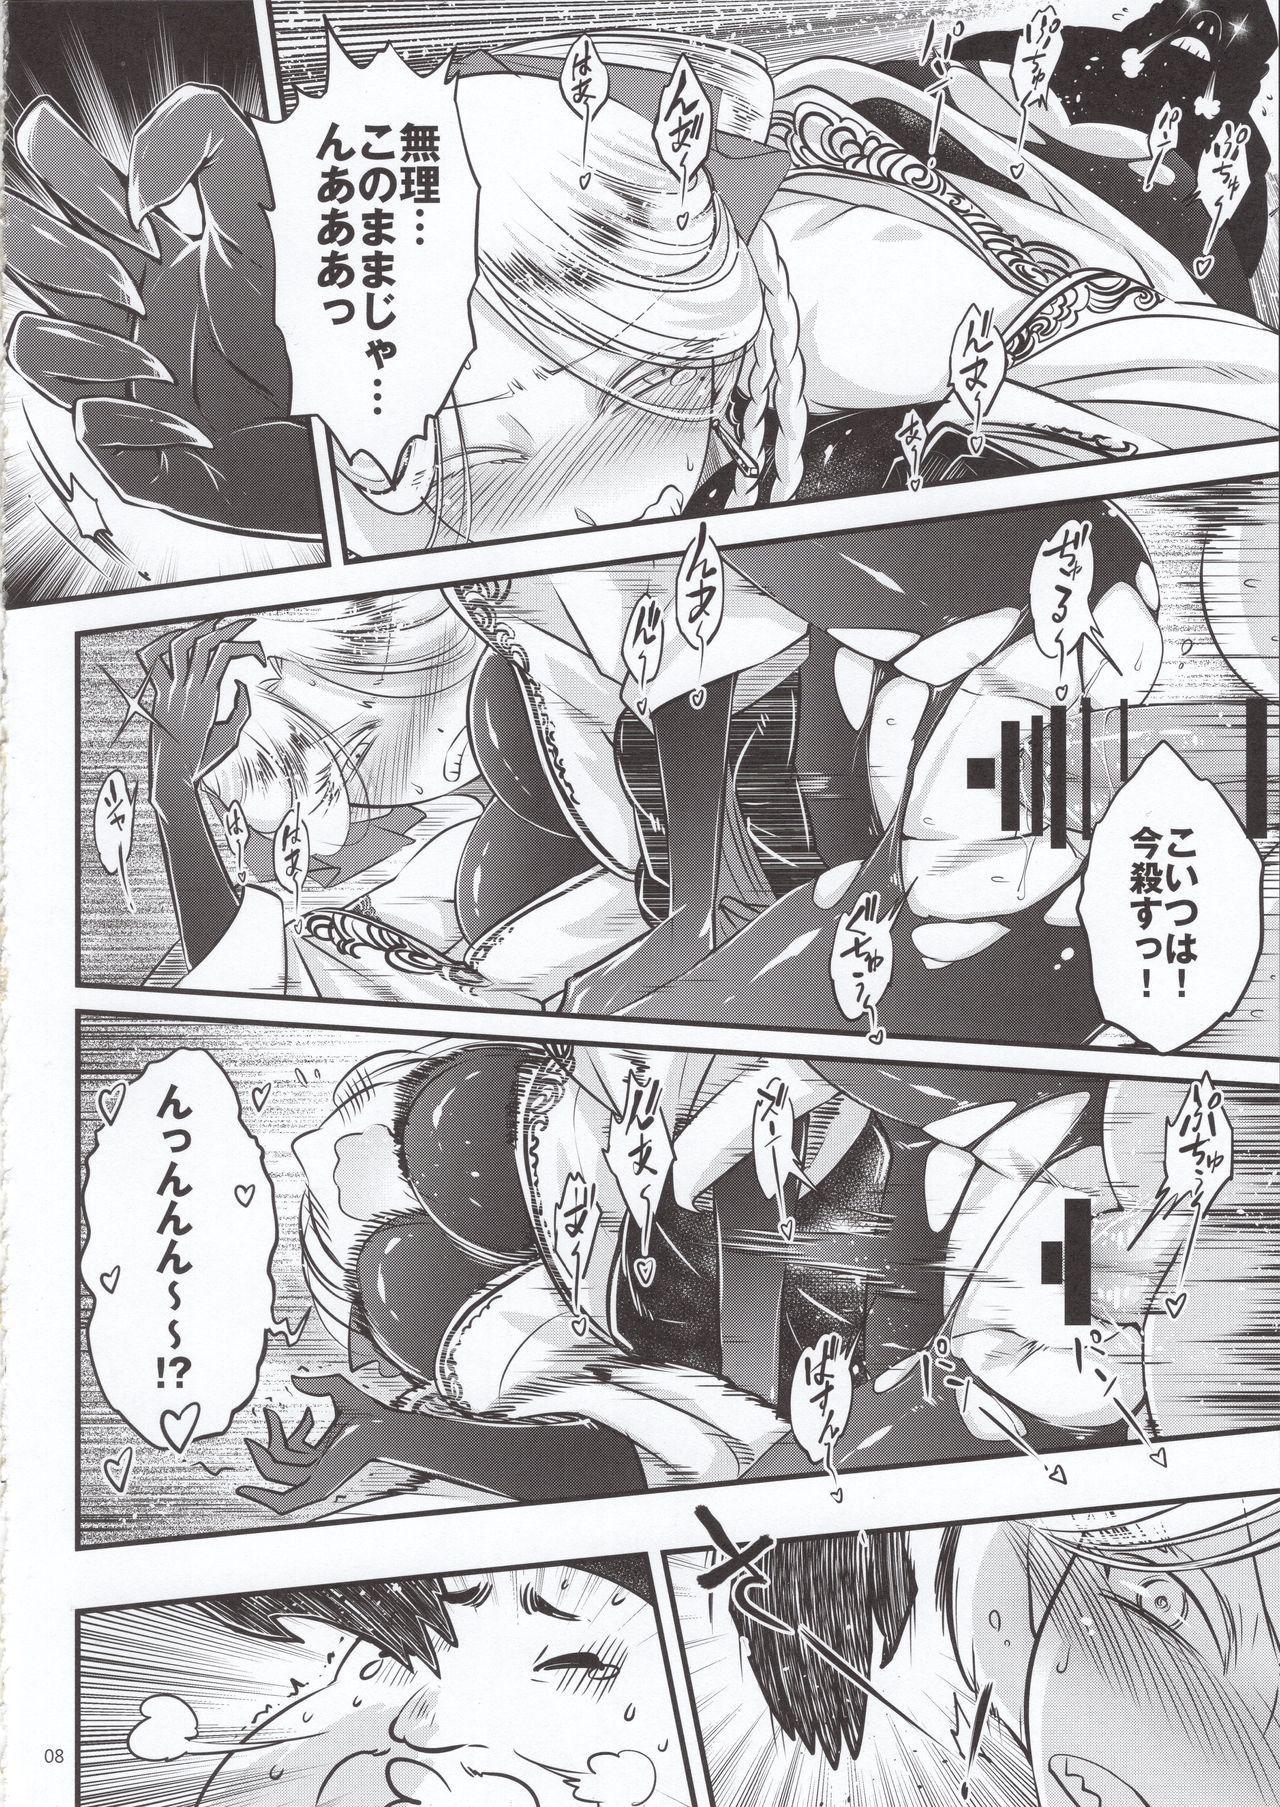 Hyakkasou4 《Akahitomiyasha, tosuisen no kyofu》 8